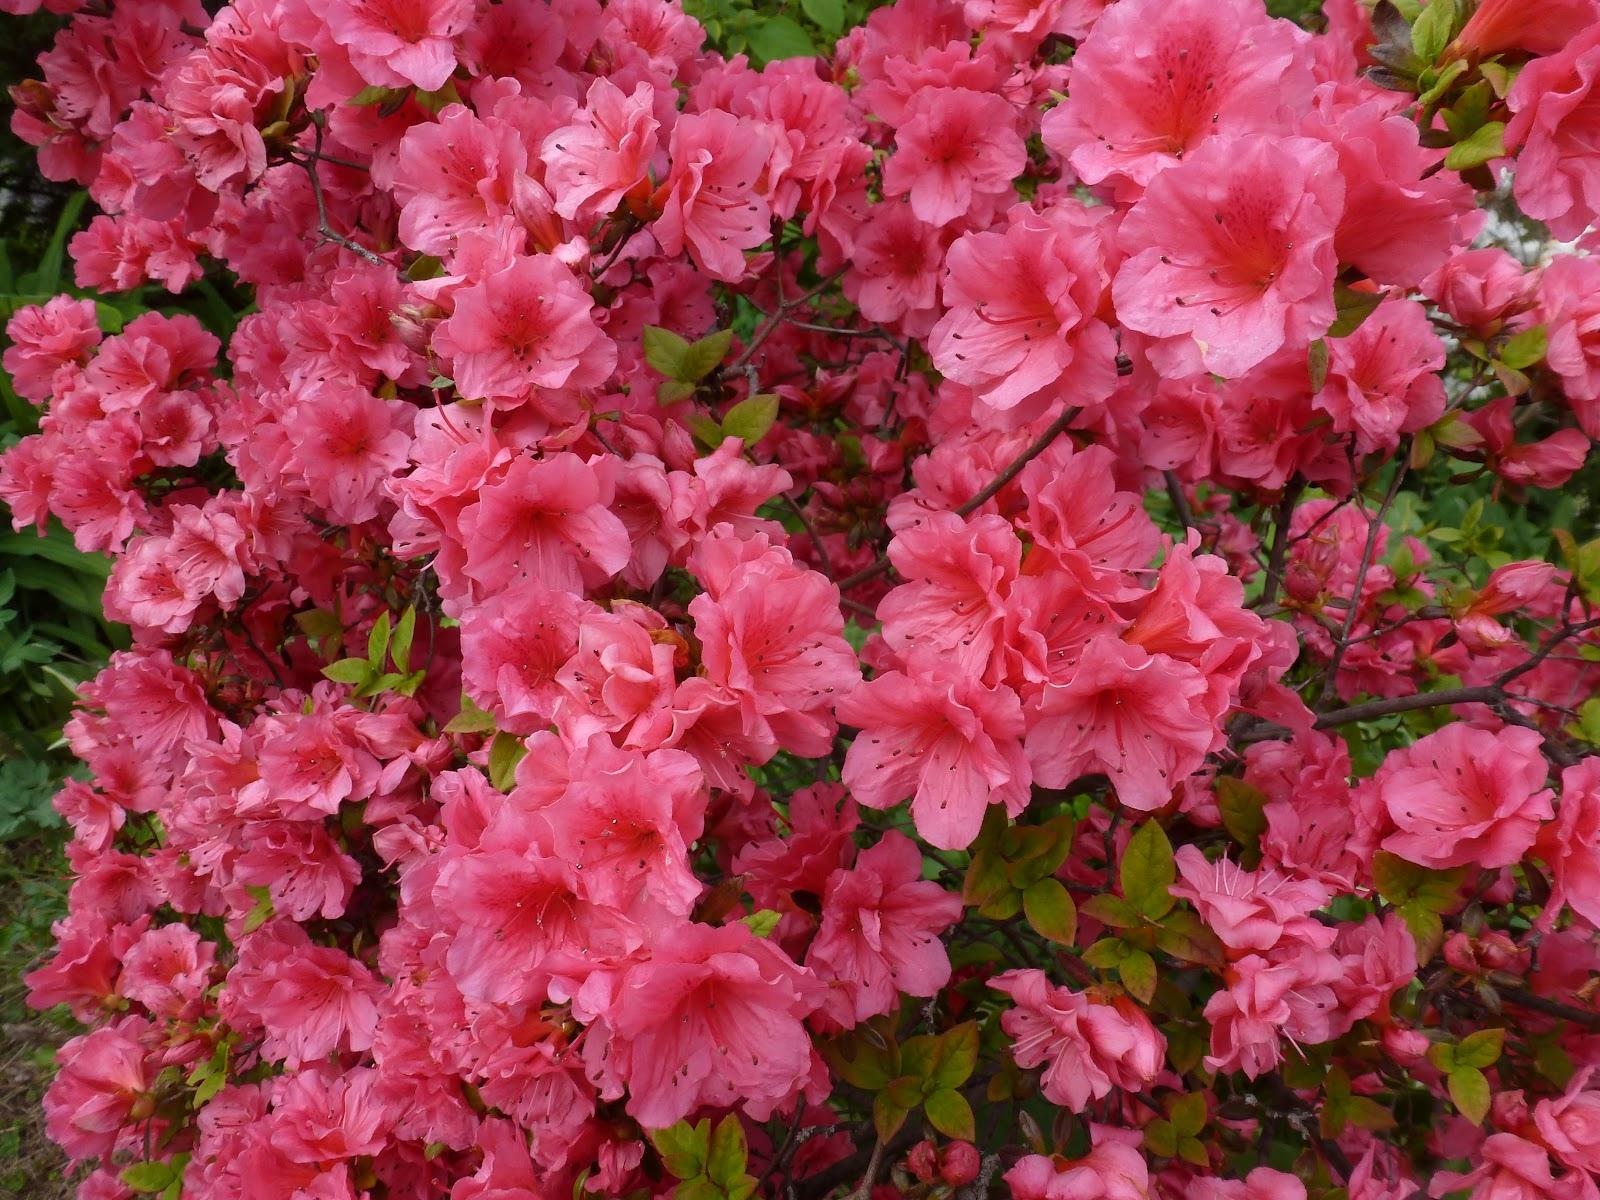 Jarvis house azaleas at the jarvis house garden may 2012 for The azalea